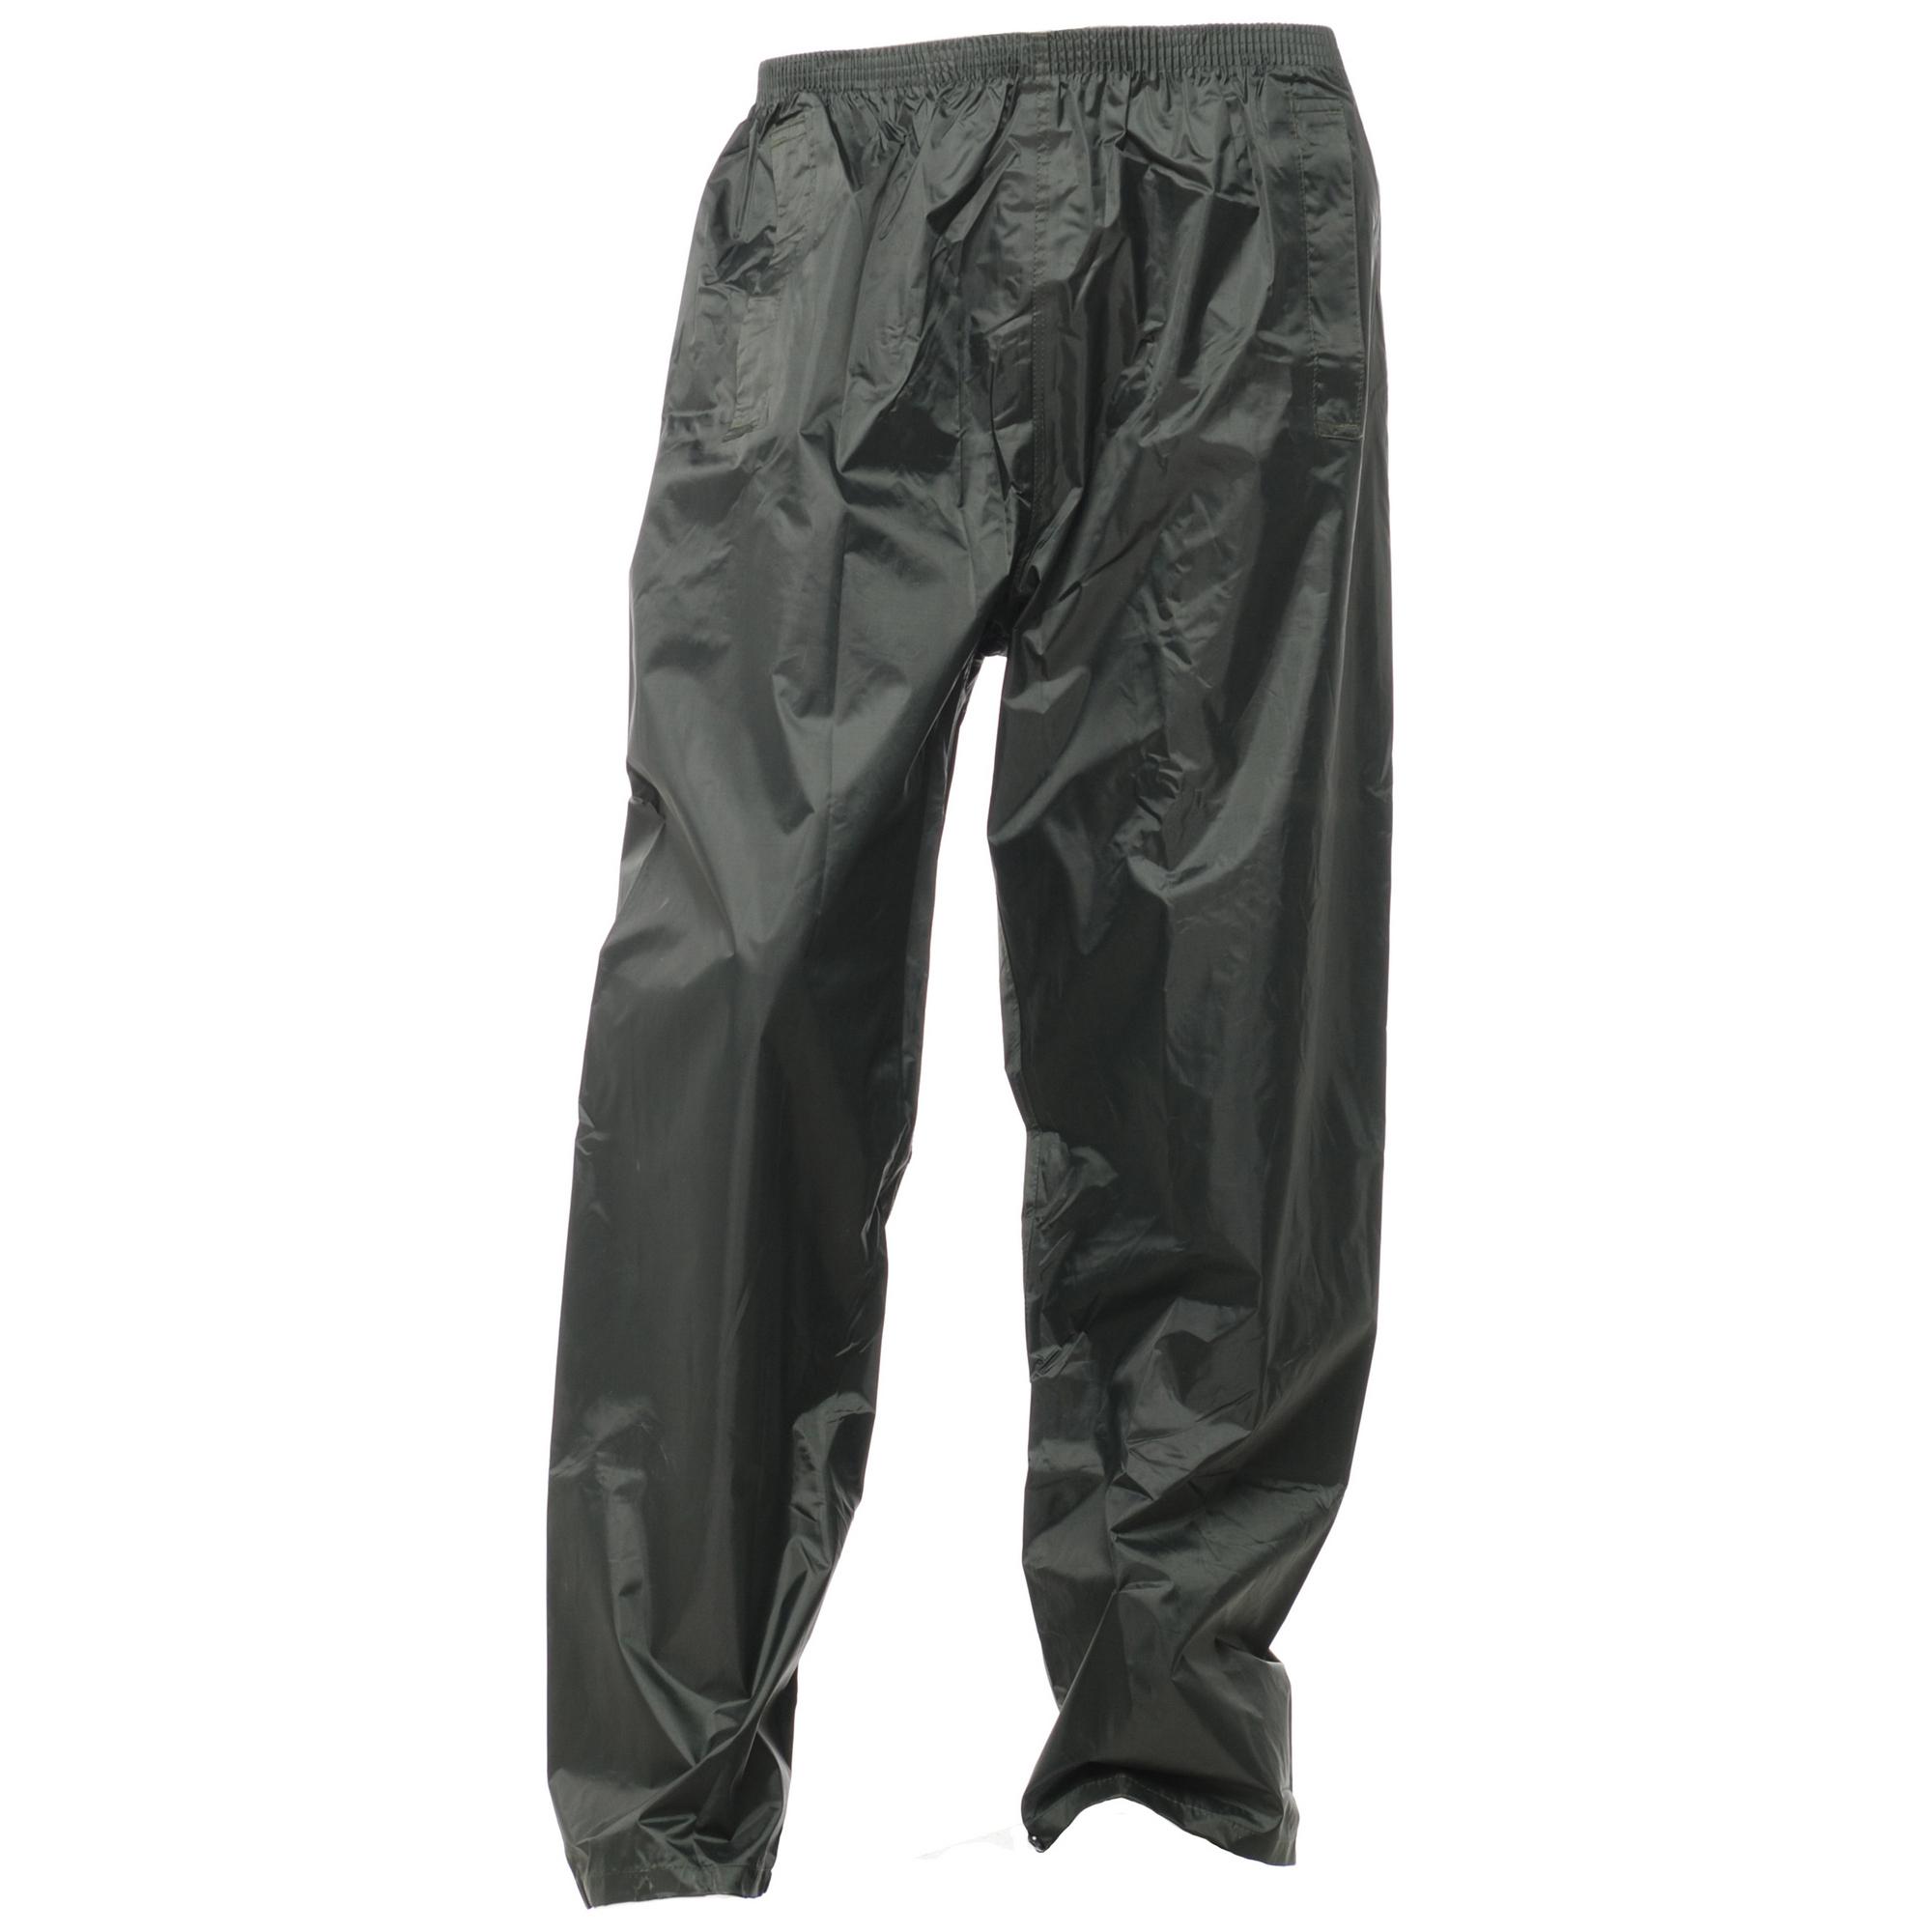 Regatta-Mens-Stormbreak-Waterproof-Windproof-Over-Trousers-Pants-Rain-Wear